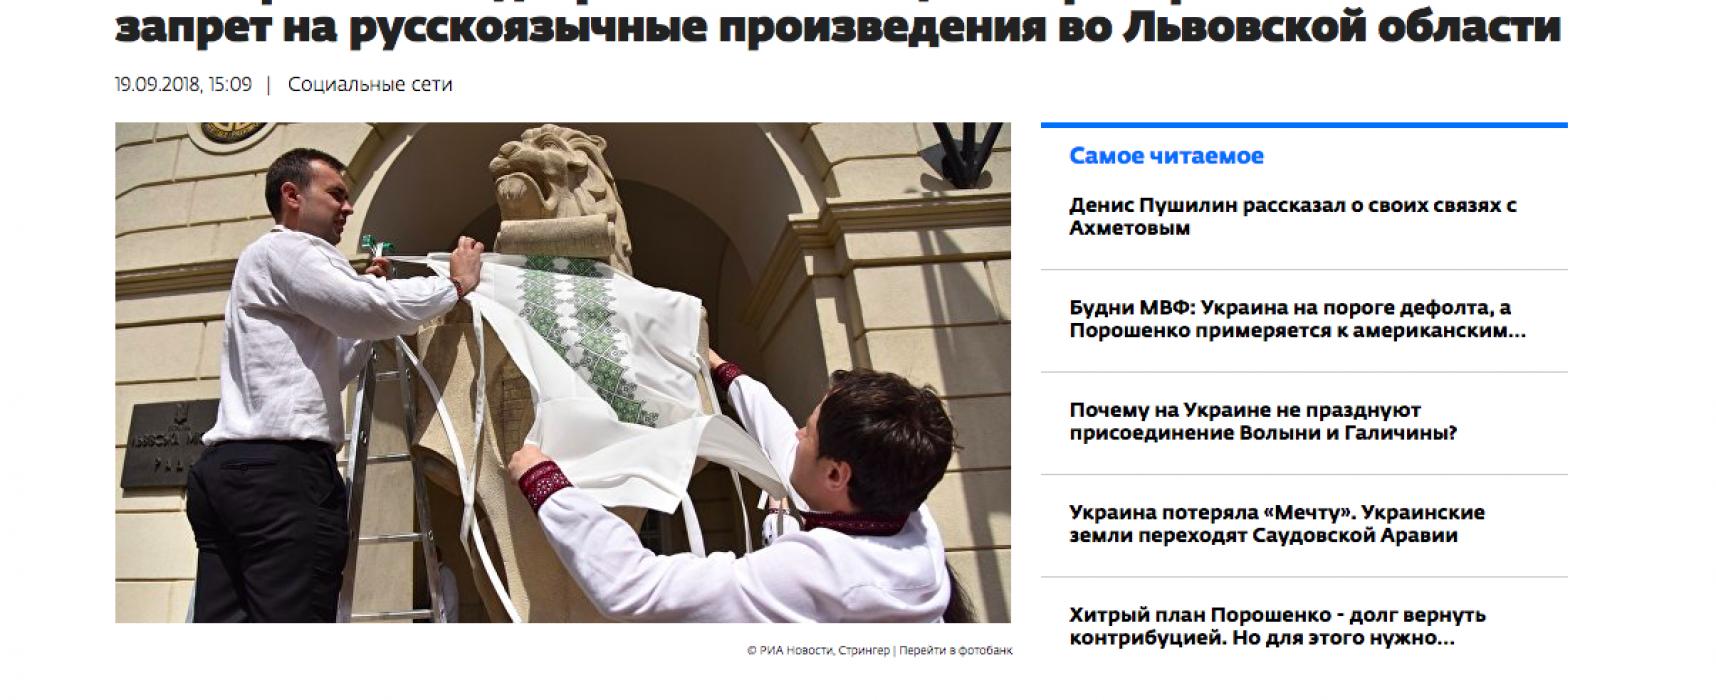 Fake: La lingua russa è stata proibita a Leopoli